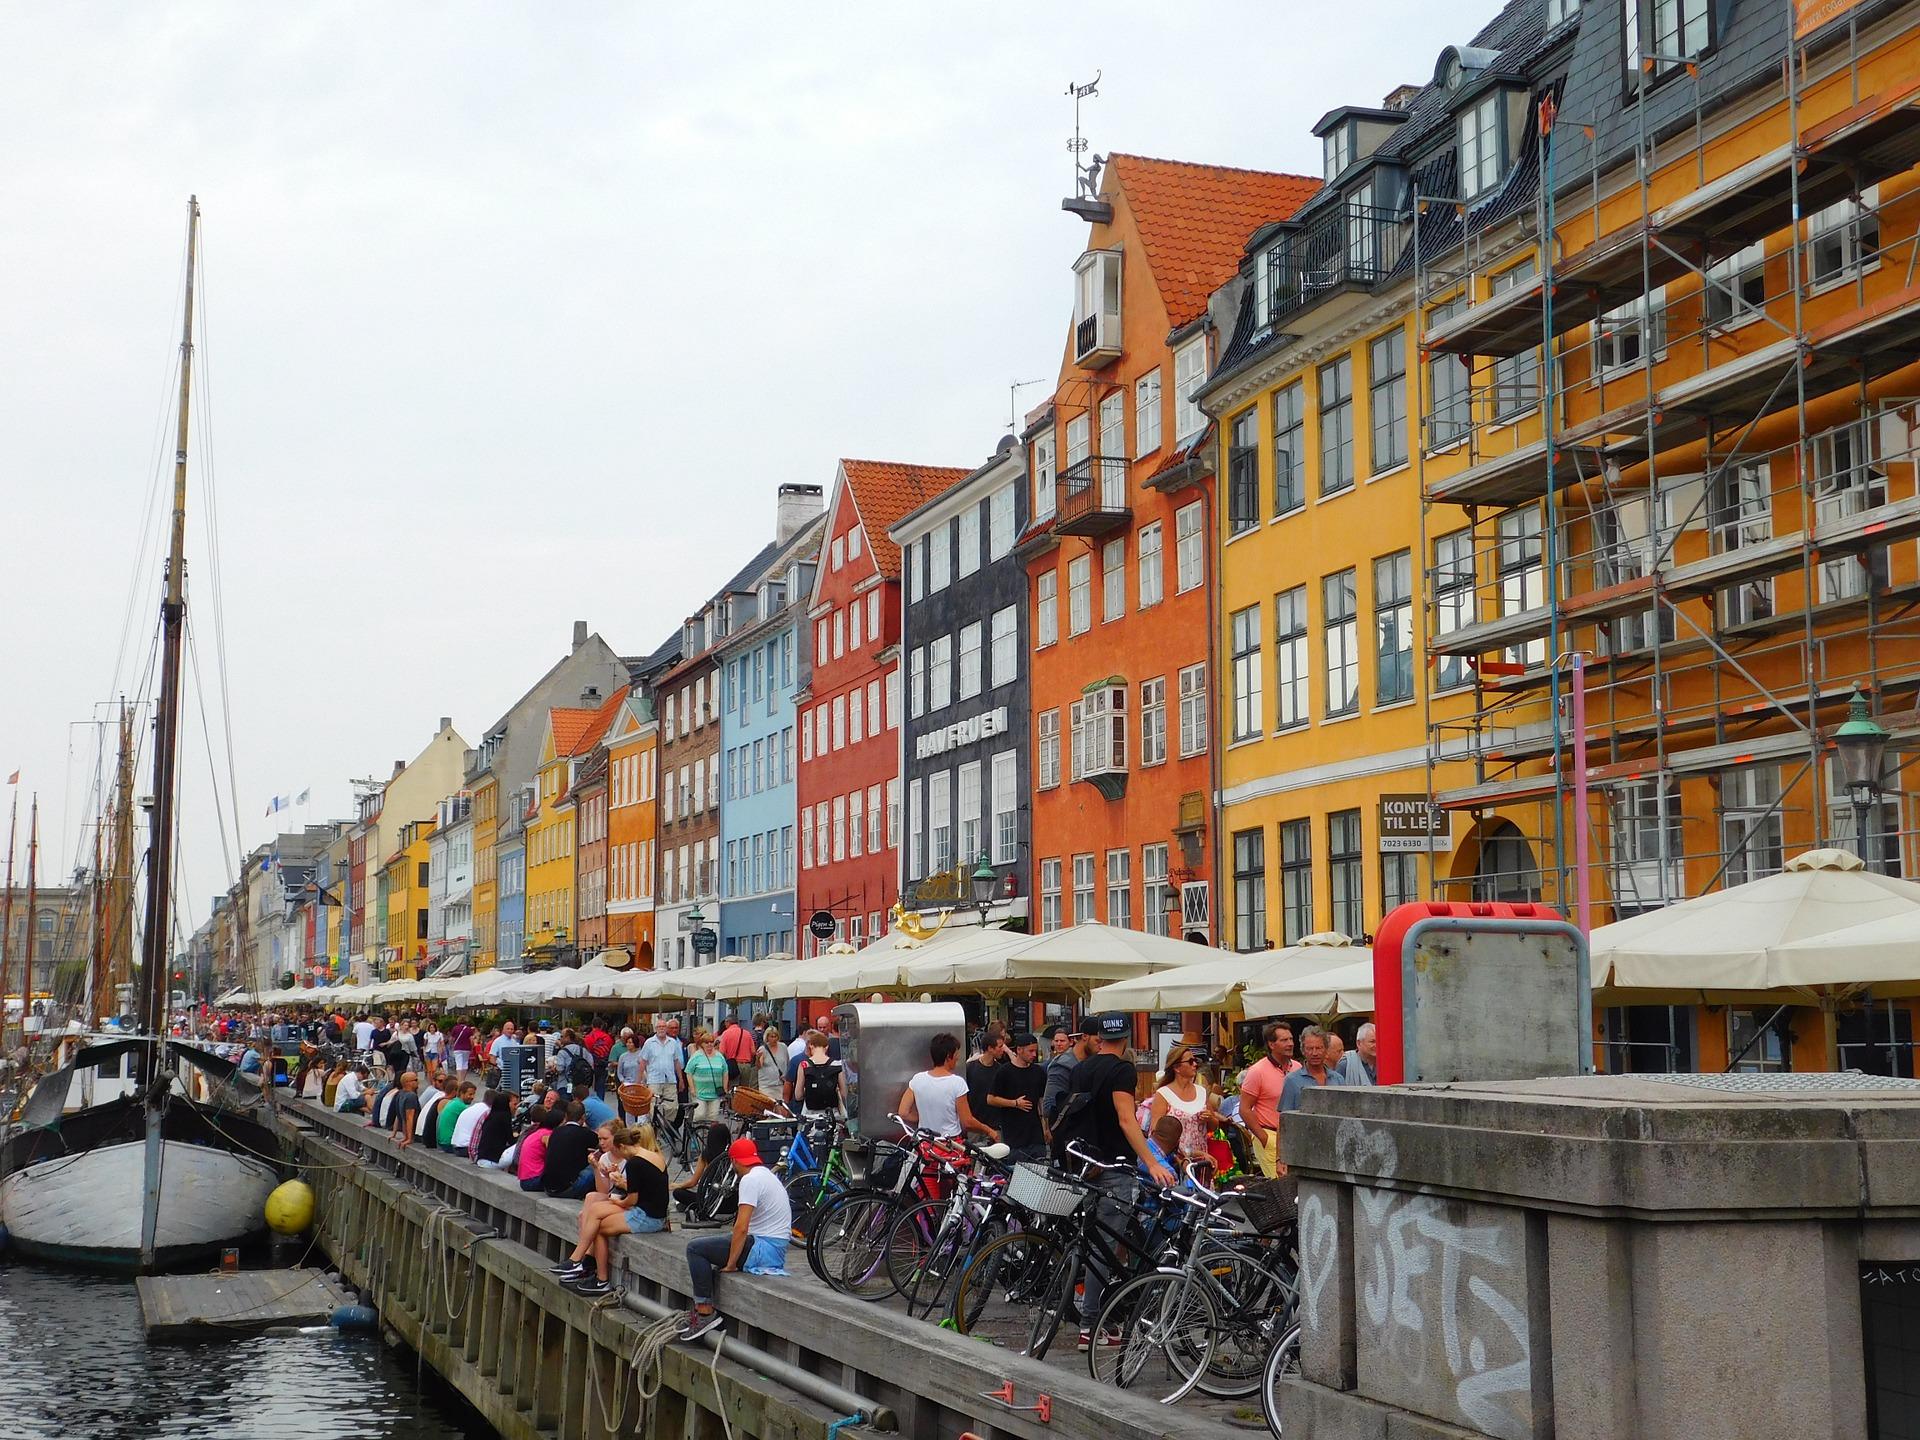 Eine Städte Reise nach Kopenhagen ist vor allem im Sommer besonders schön